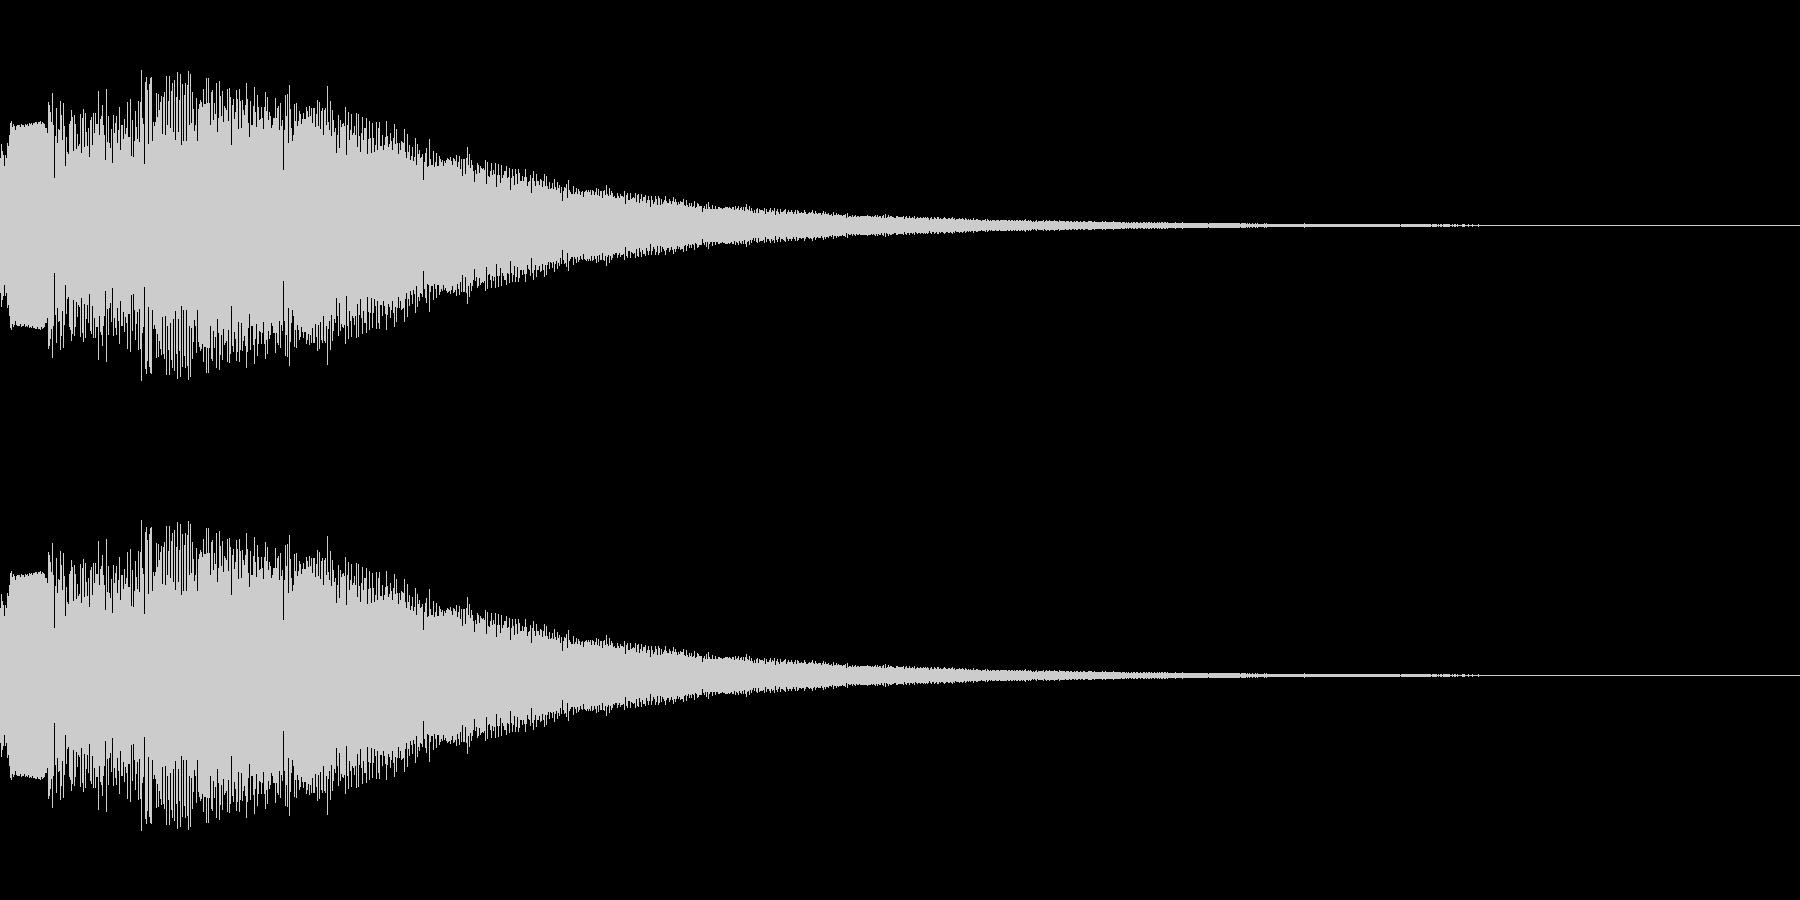 シンセサイザー 決定・選択・UI 3の未再生の波形